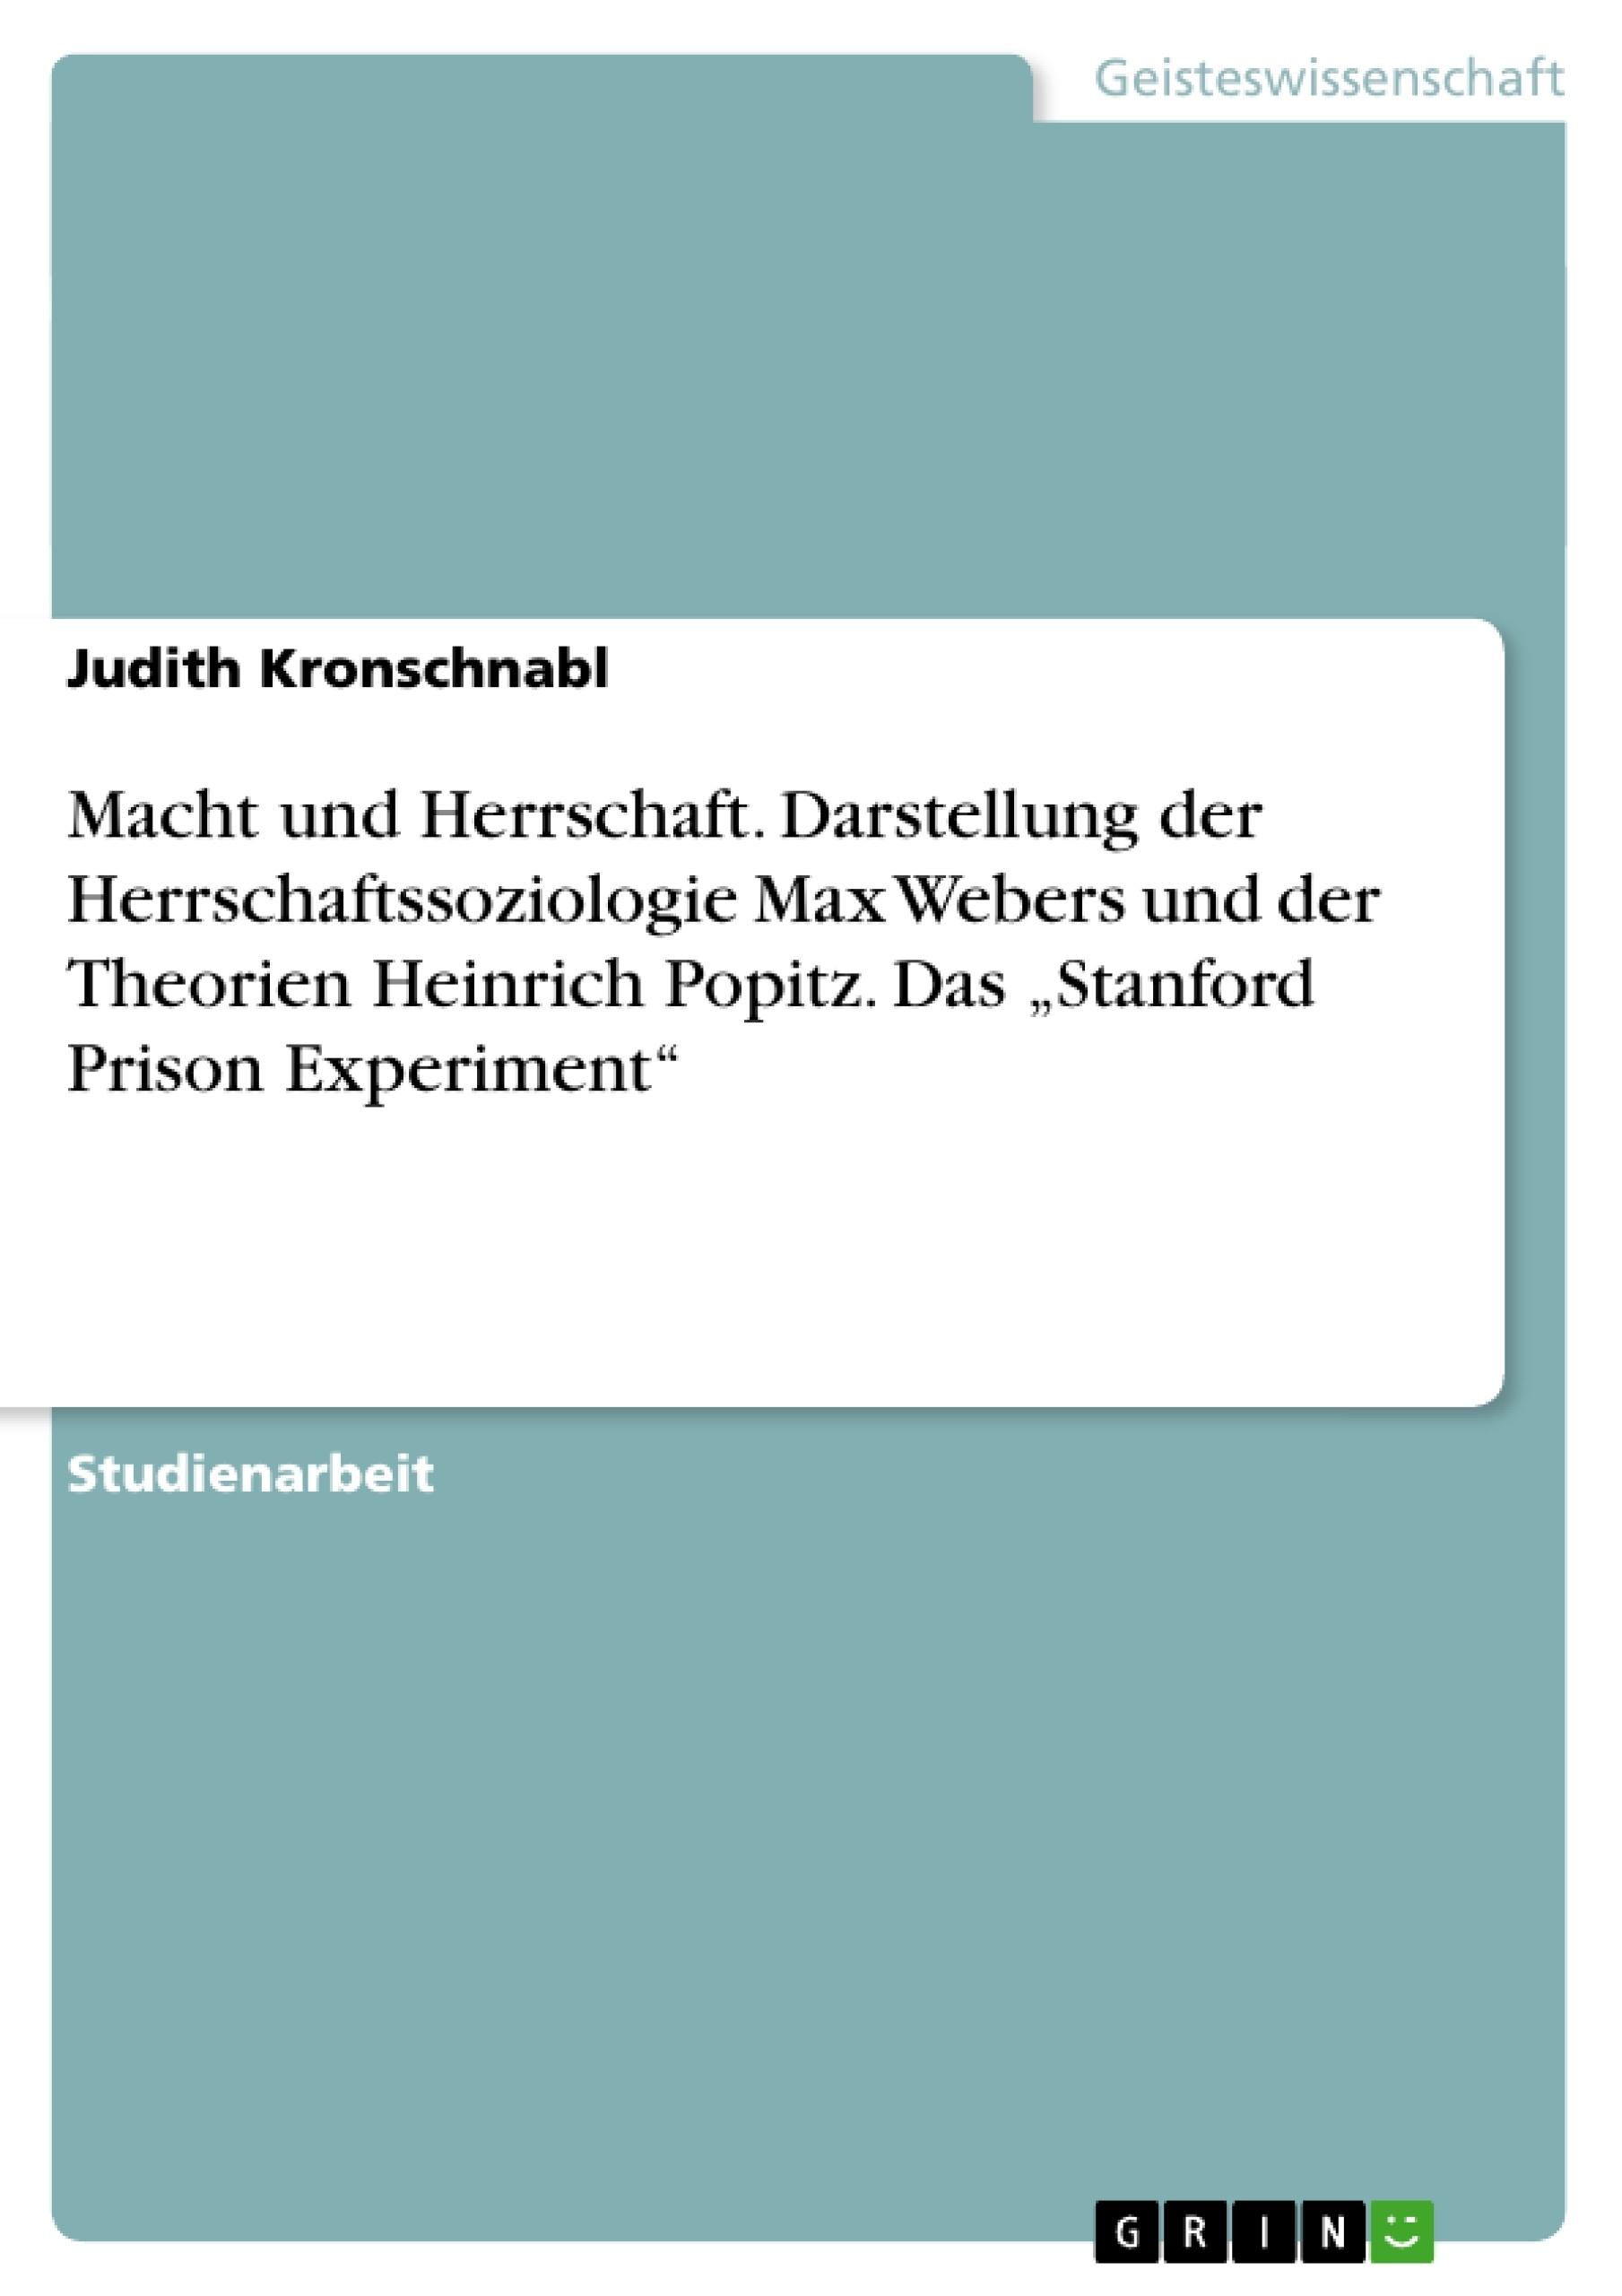 """Titel: Macht und Herrschaft. Darstellung der Herrschaftssoziologie Max Webers und der Theorien Heinrich Popitz. Das """"Stanford Prison Experiment"""""""